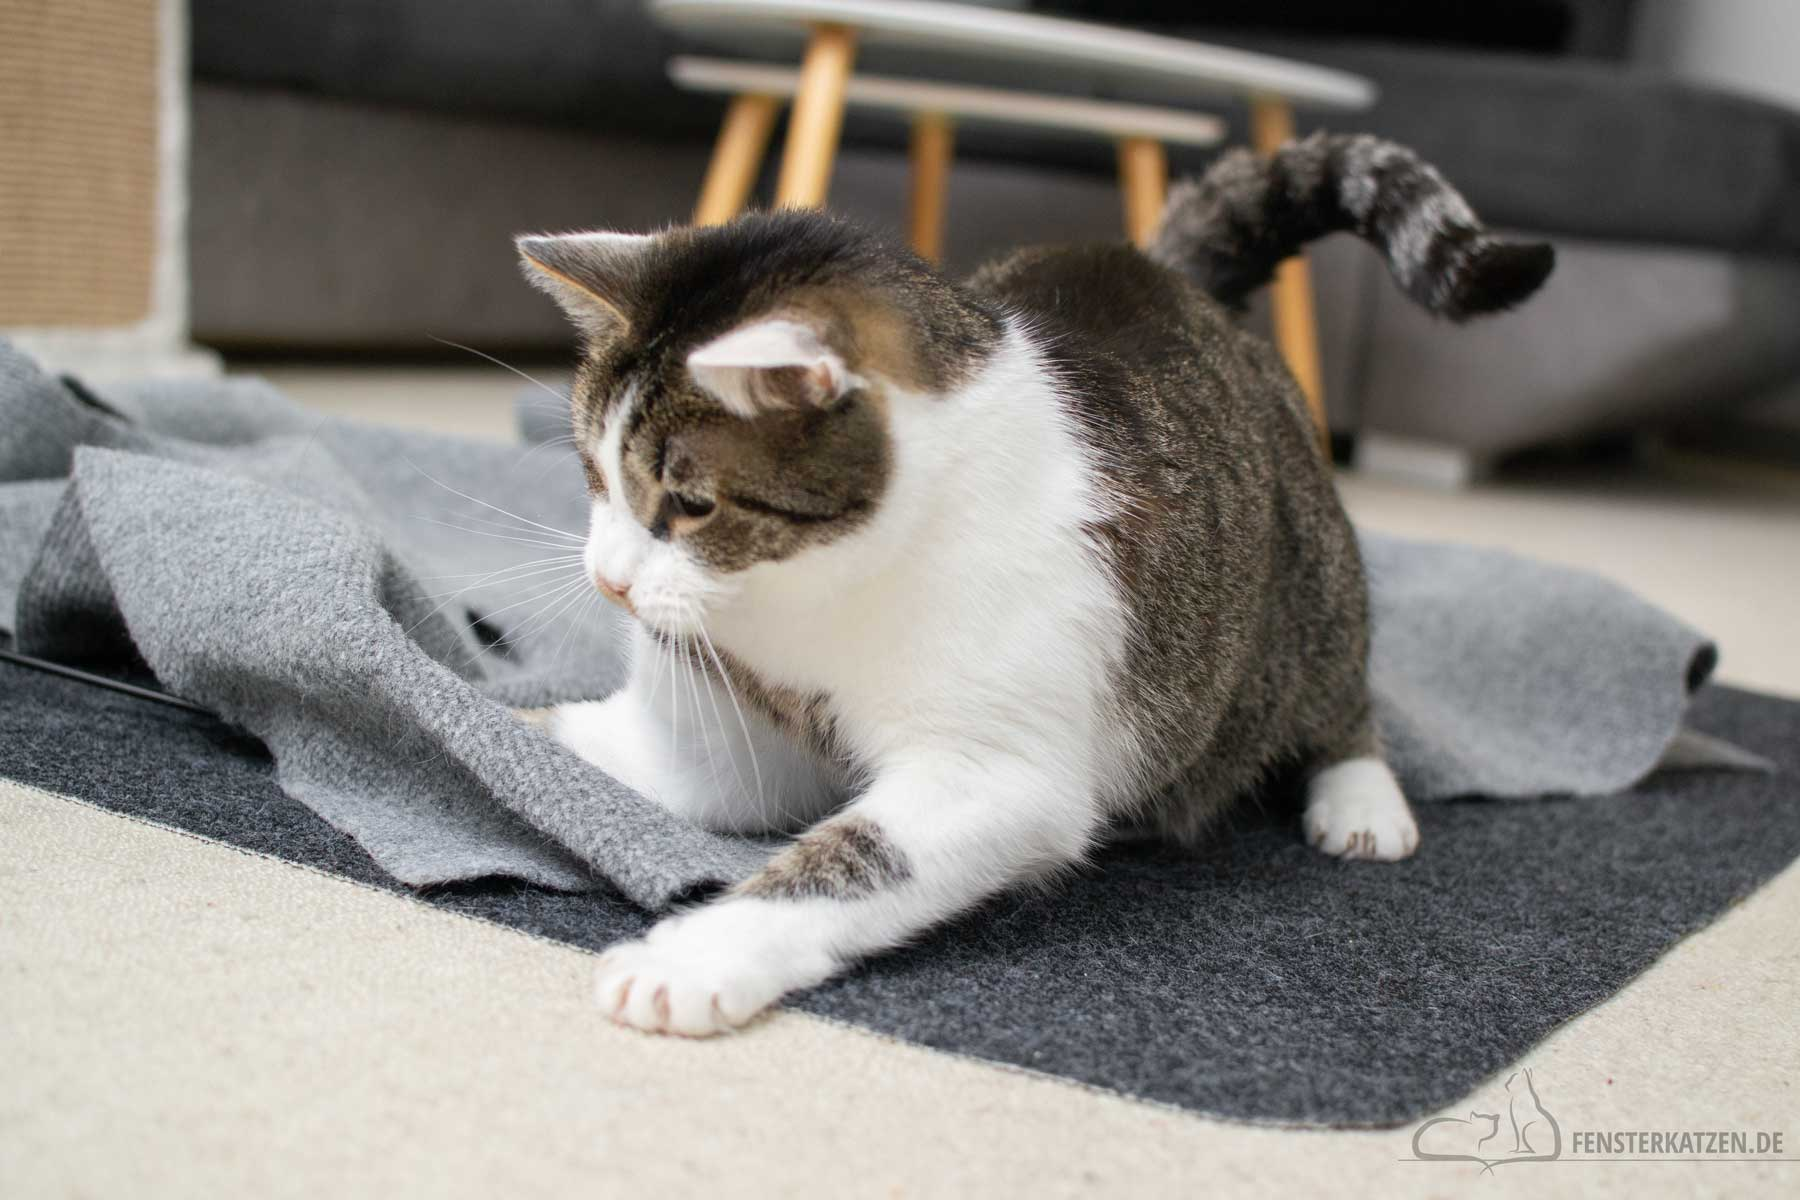 Fensterkatzen-Ratgeber-Wie-spielt-man-richtig-mit-Katzen-Katze-attackiert-Beute-1